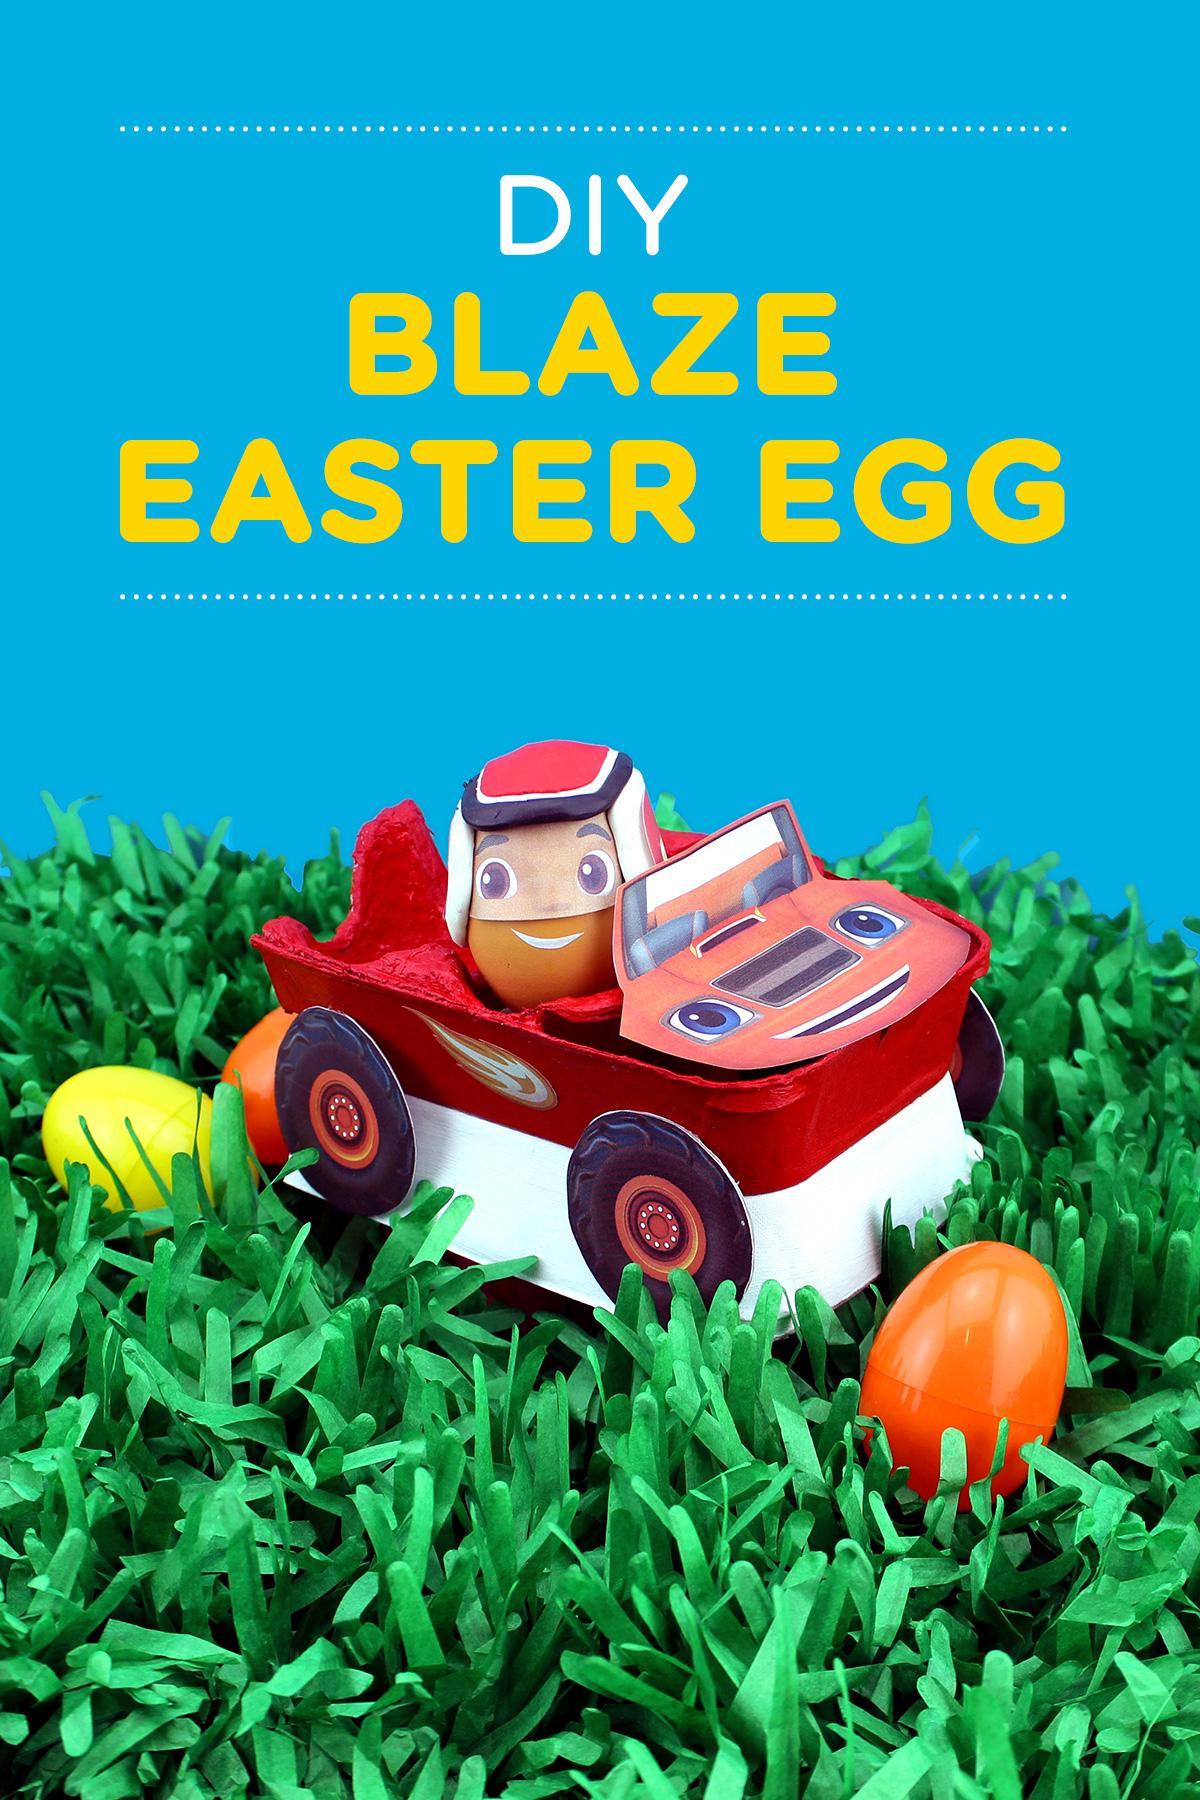 DIY Blaze Easter Egg Craft